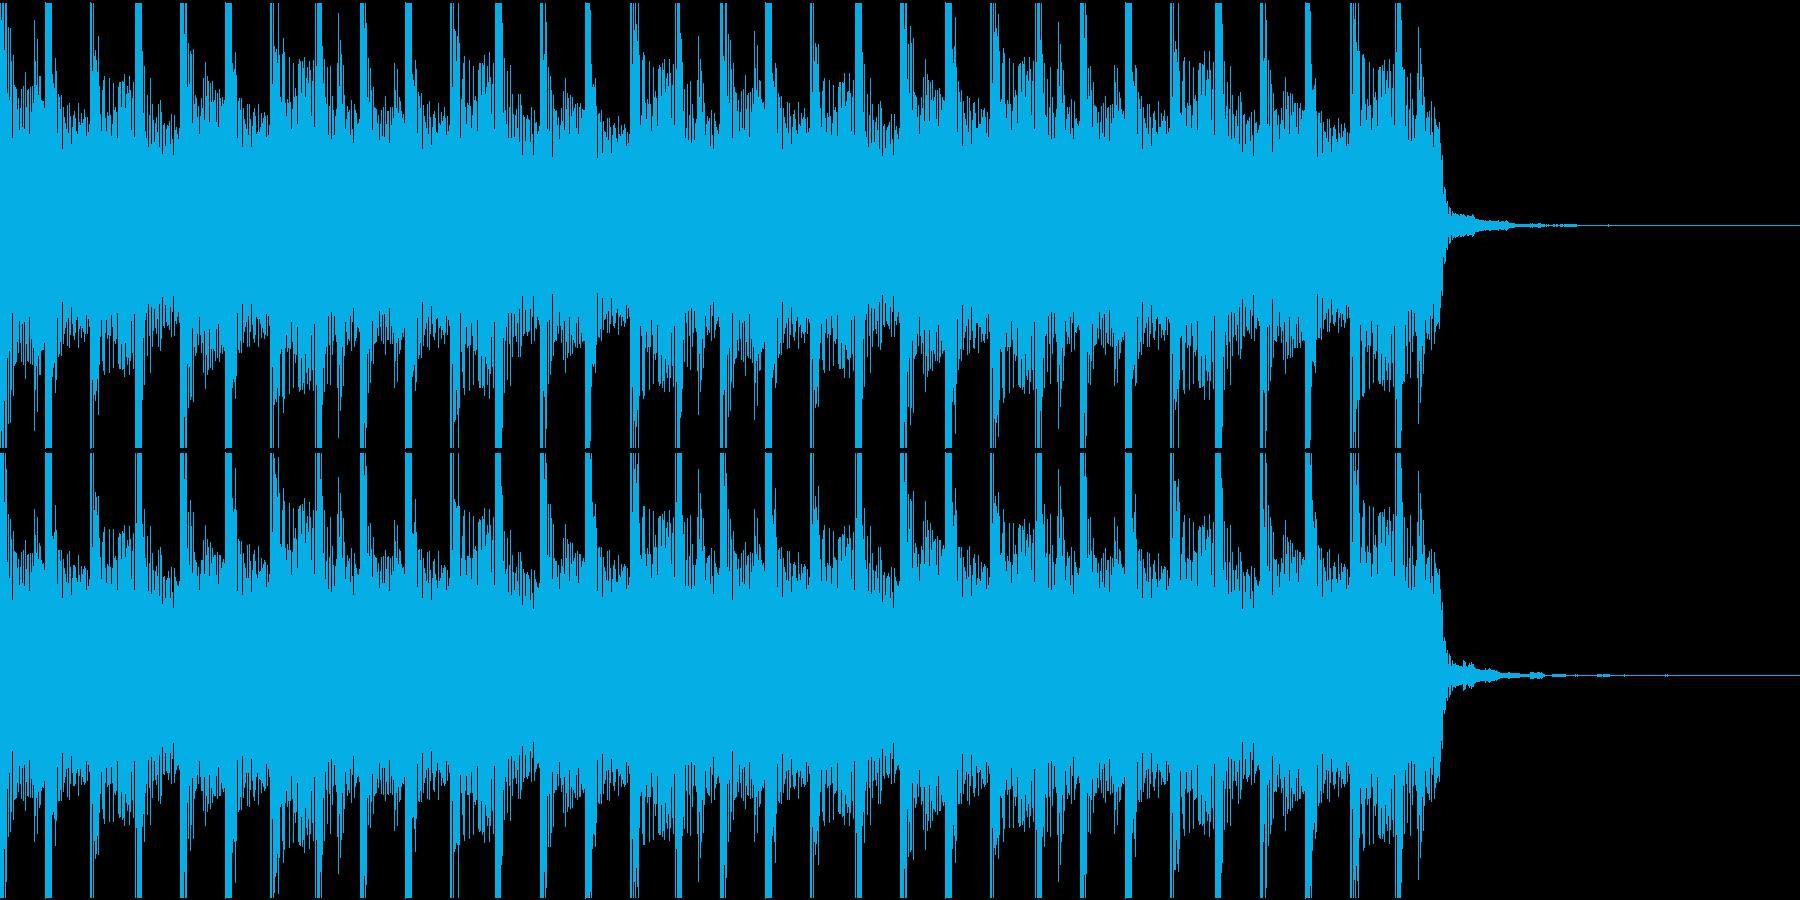 ほのぼのとした脱力系BGMの再生済みの波形